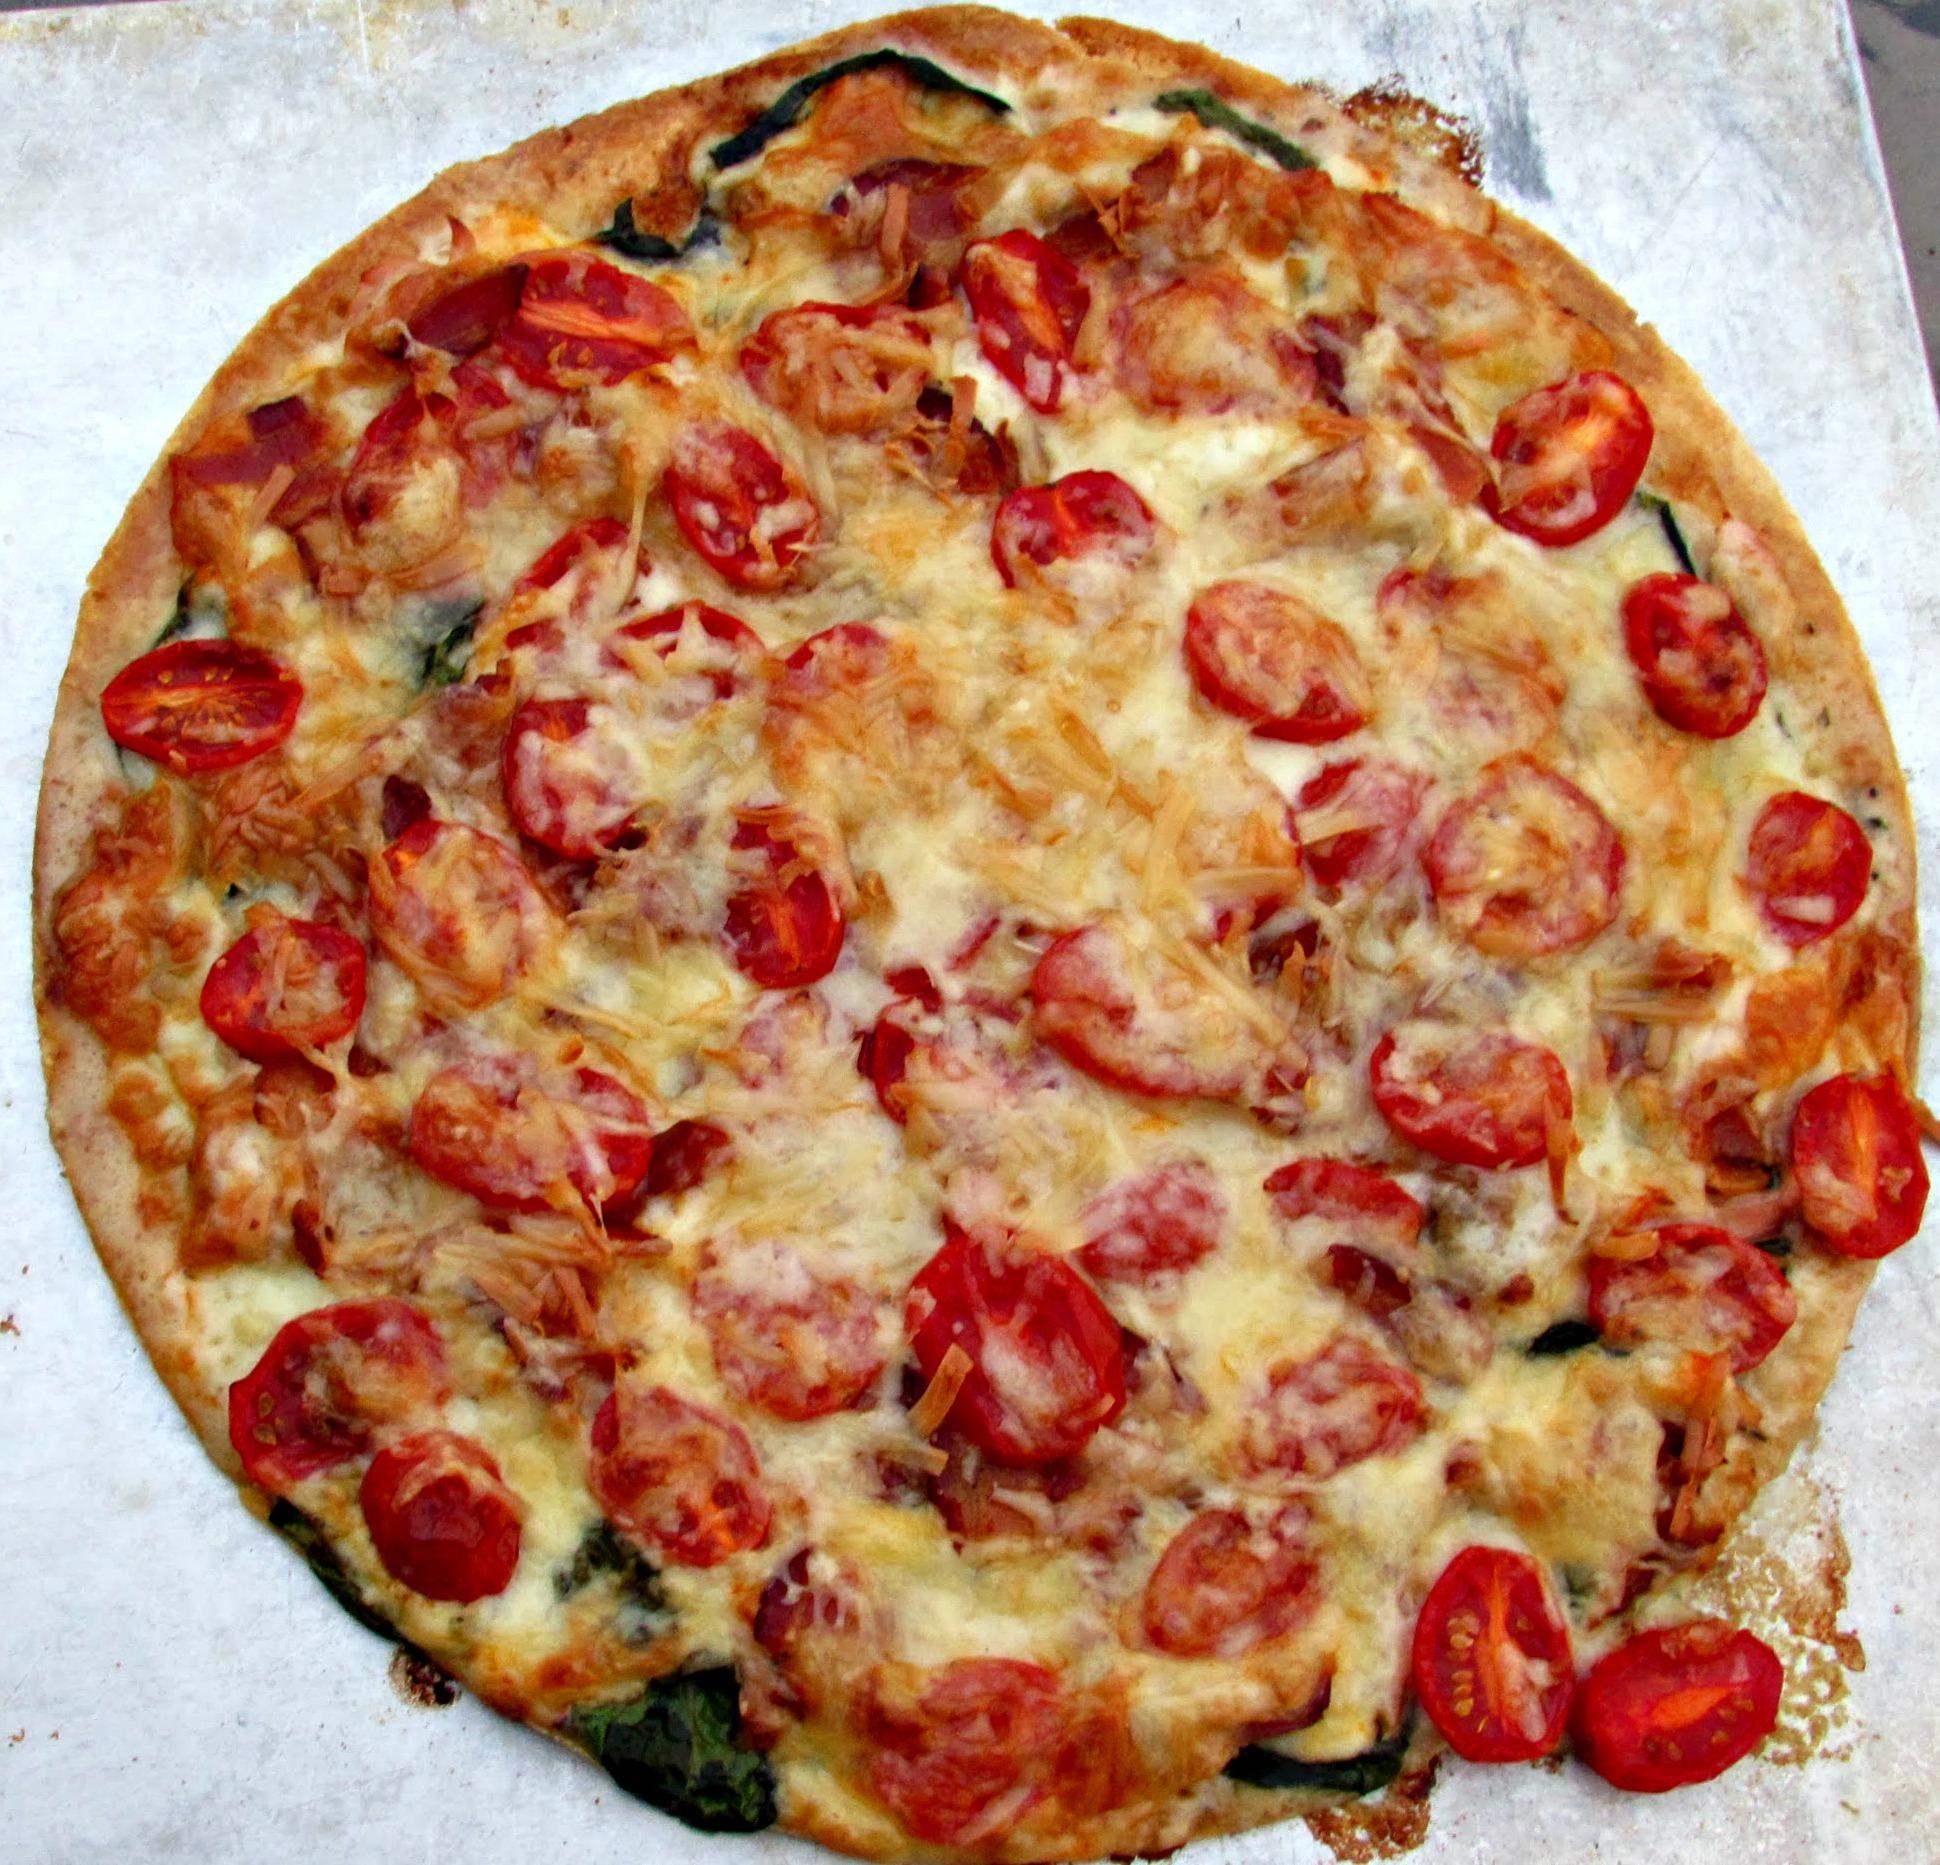 Smoked Turkey Club Pizza